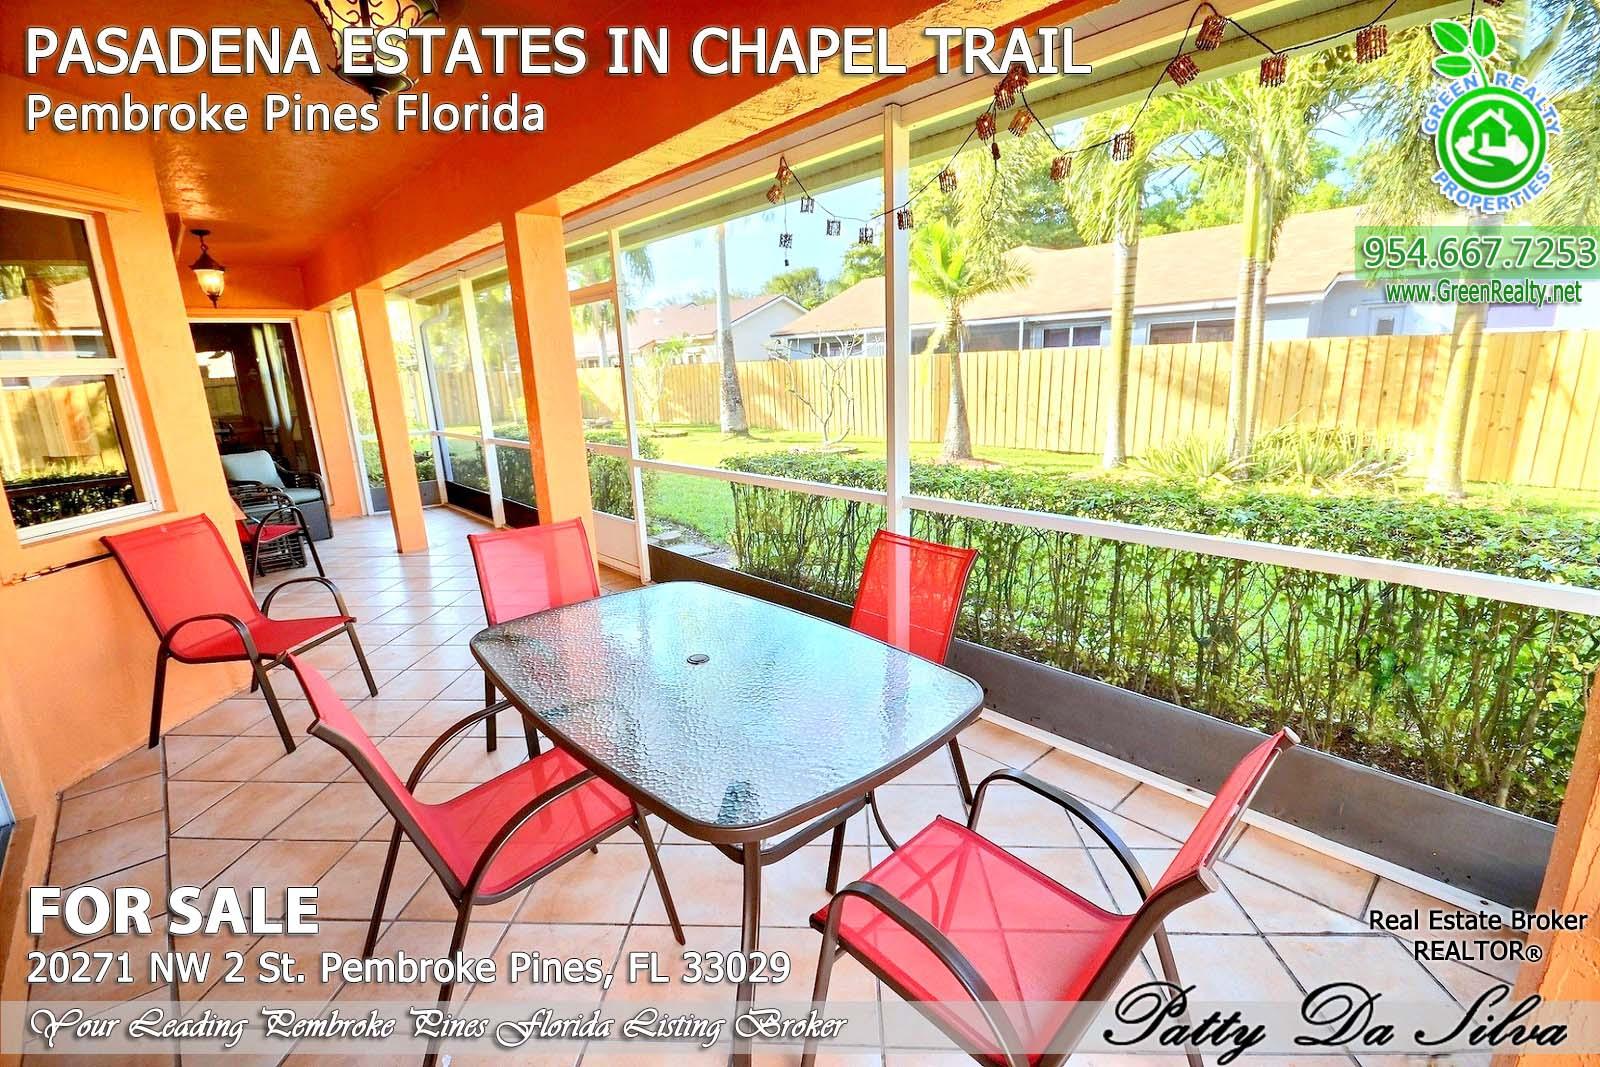 Pasadena Estates of Chapel Trail - Pembroke Pines FL (10)